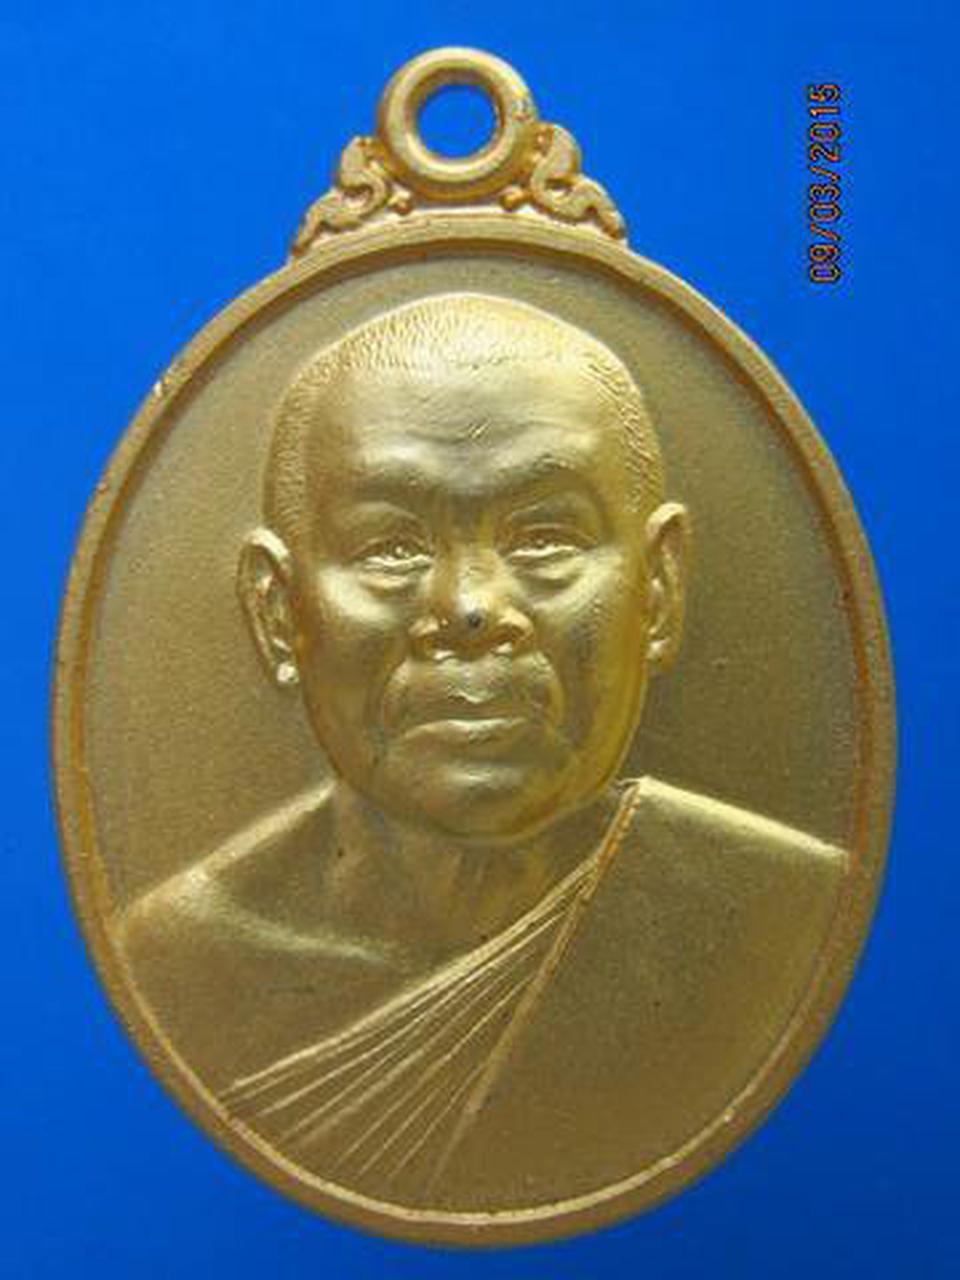 1231 เหรียญสมเด็จพุฒาจารย์เกียว วัดสระเกศ ปี 2543  รูปที่ 3